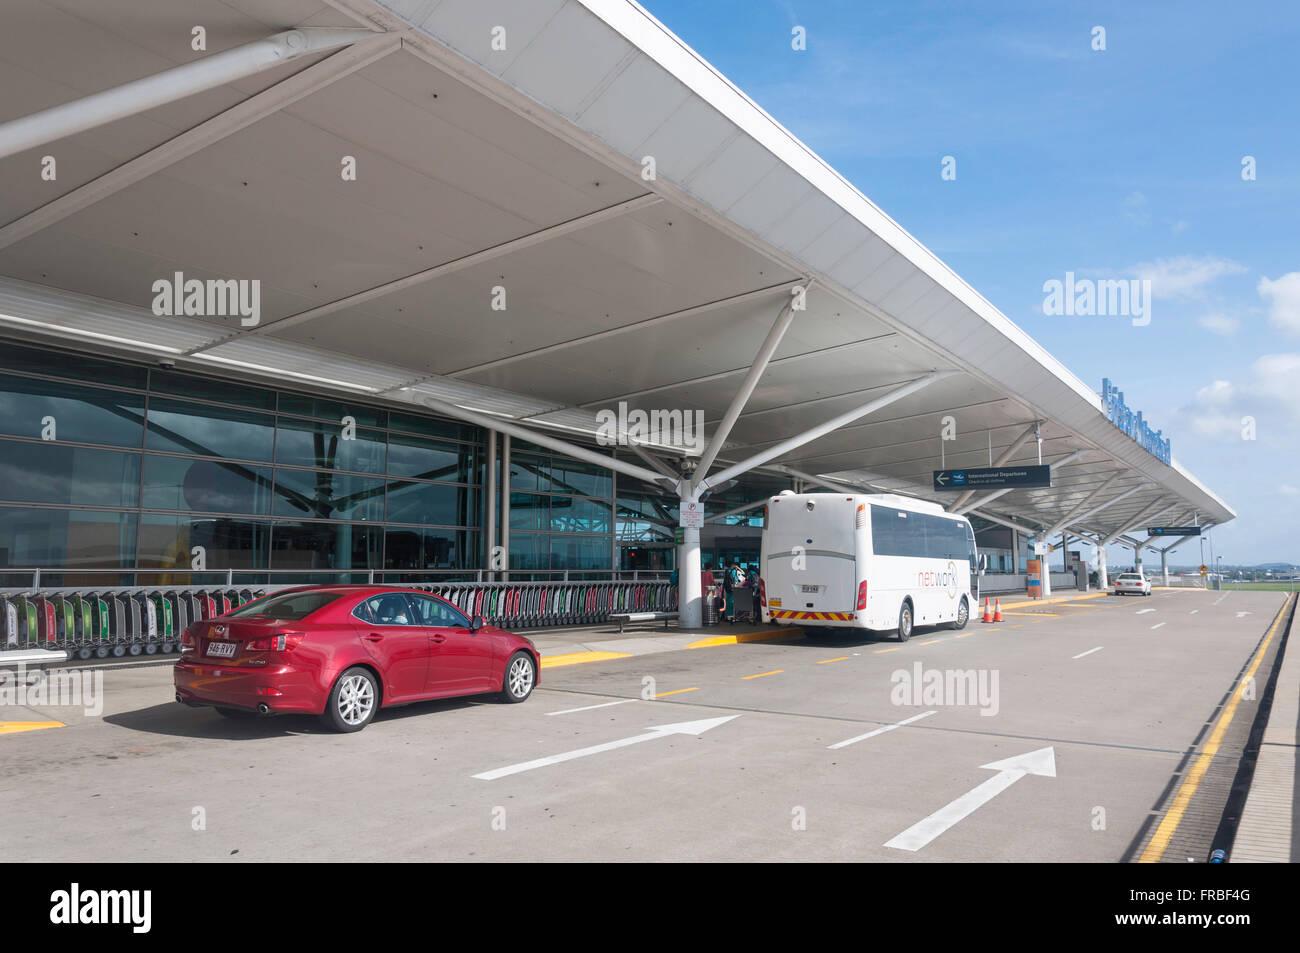 Departure terminal, Brisbane International Airport, Brisbane Airport Suburb, Brisbane, Queensland, Australia - Stock Image